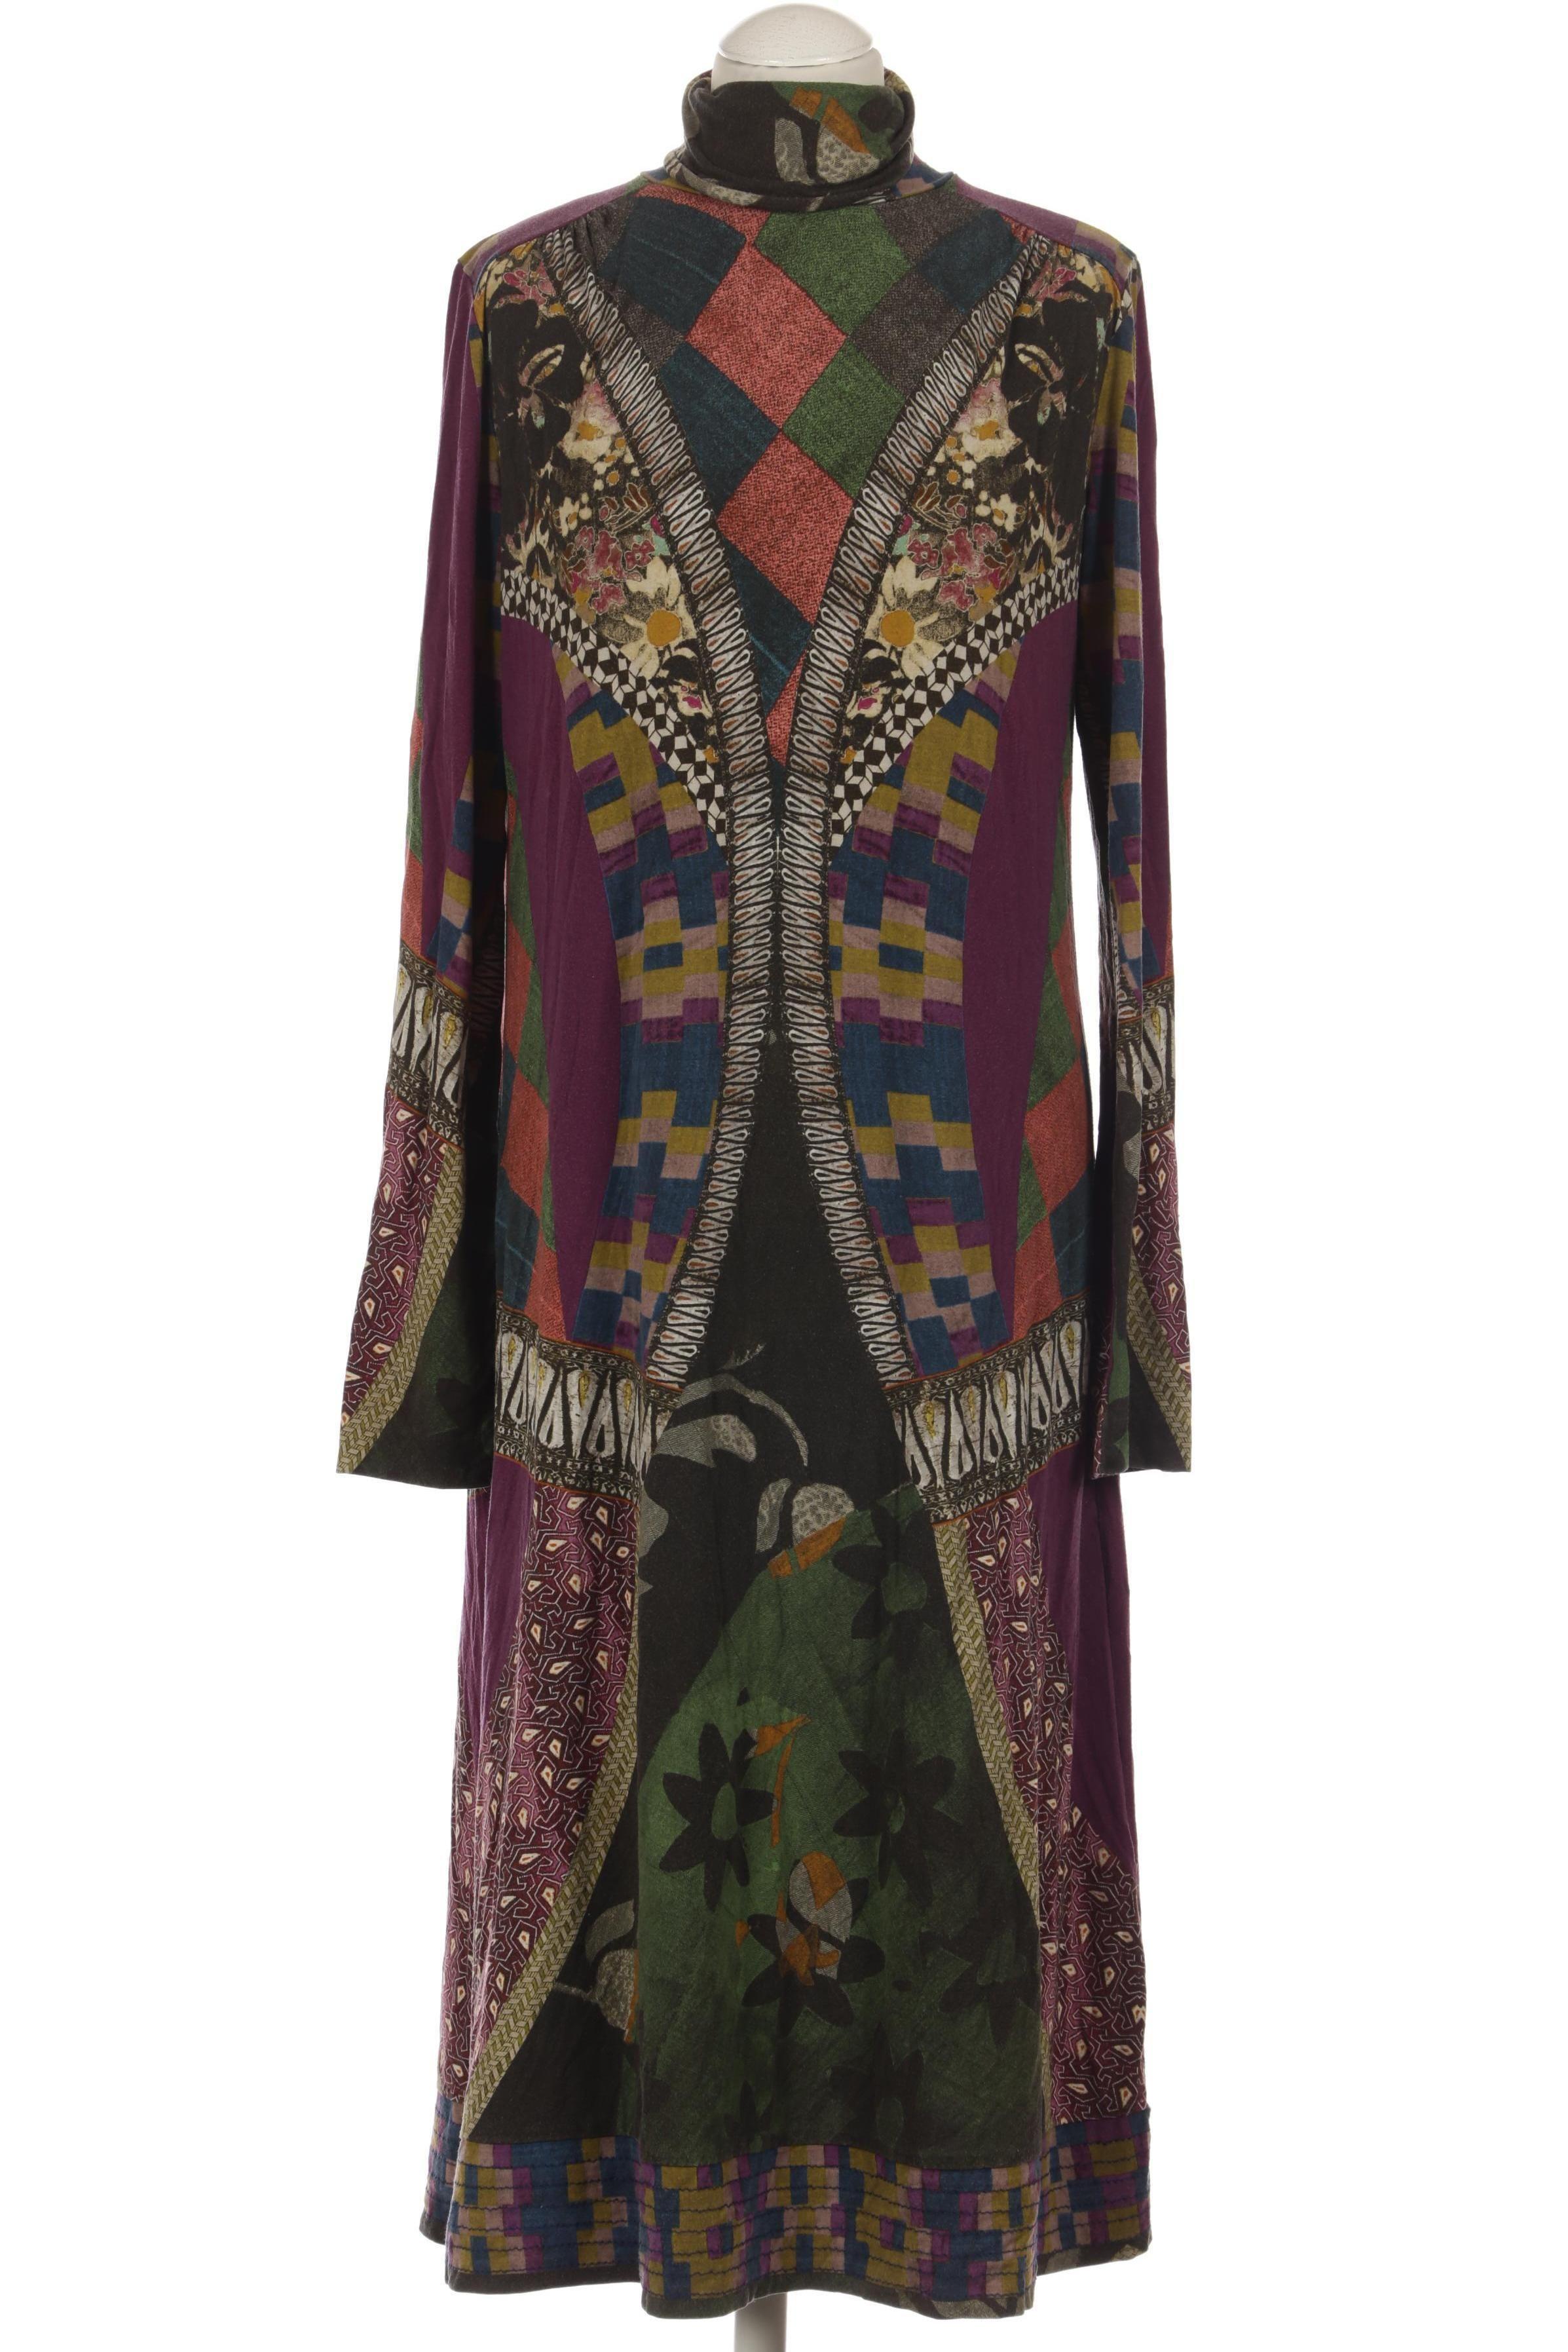 Ubup Etro Damen Kleid De 46 Second Hand Kaufen Modestil Kleider Nachhaltige Kleidung